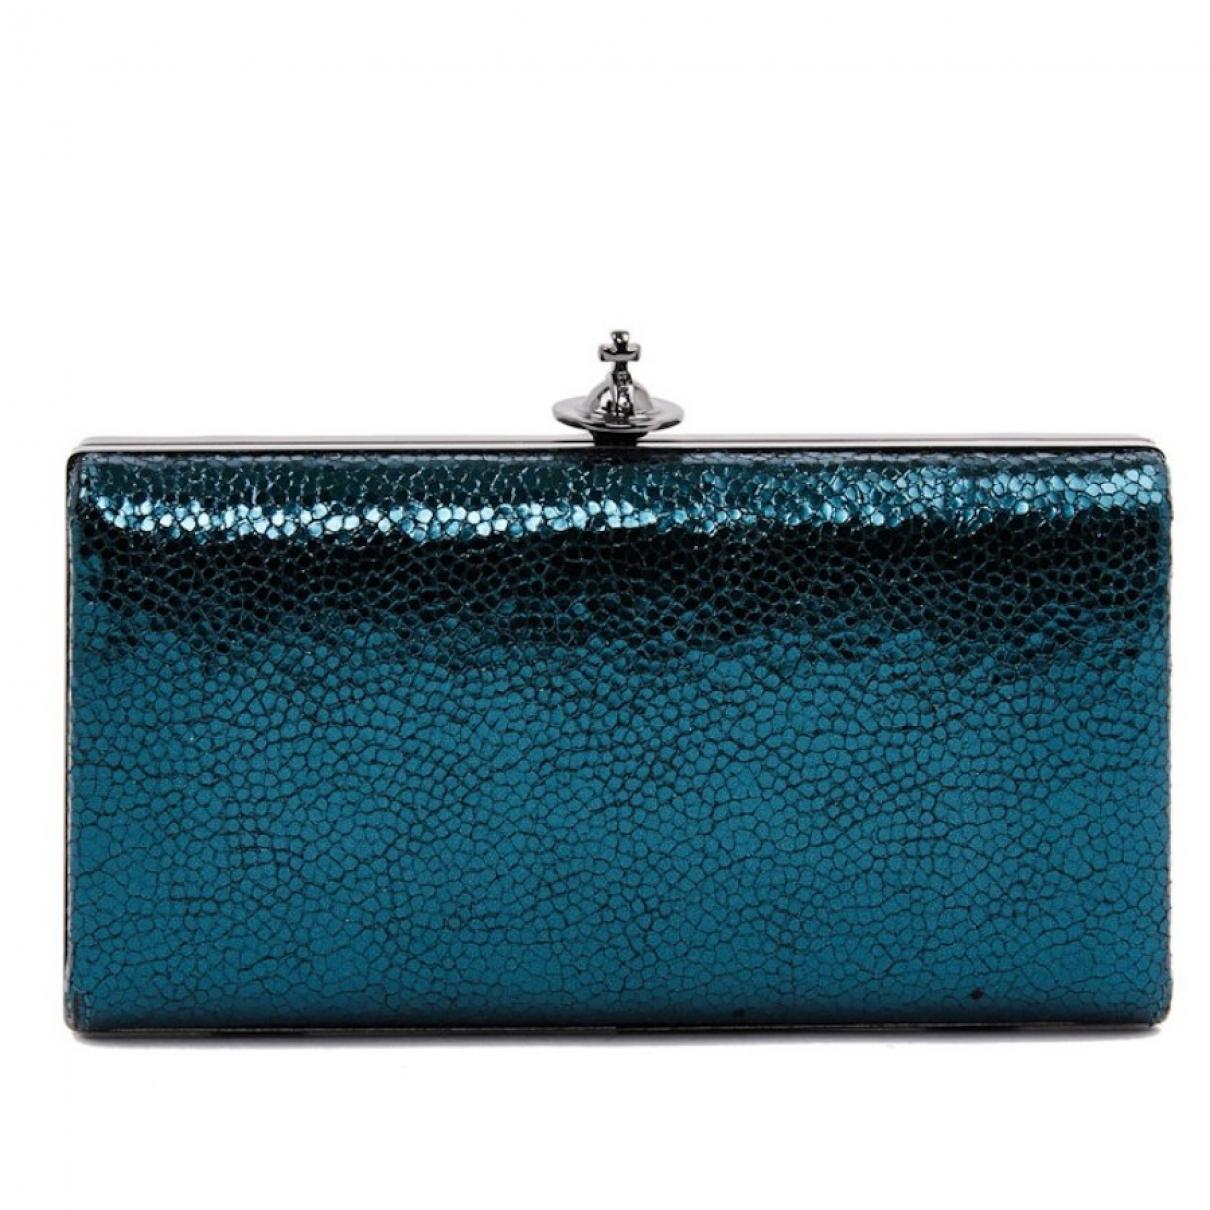 Vivienne Westwood \N Clutch in  Blau Leder